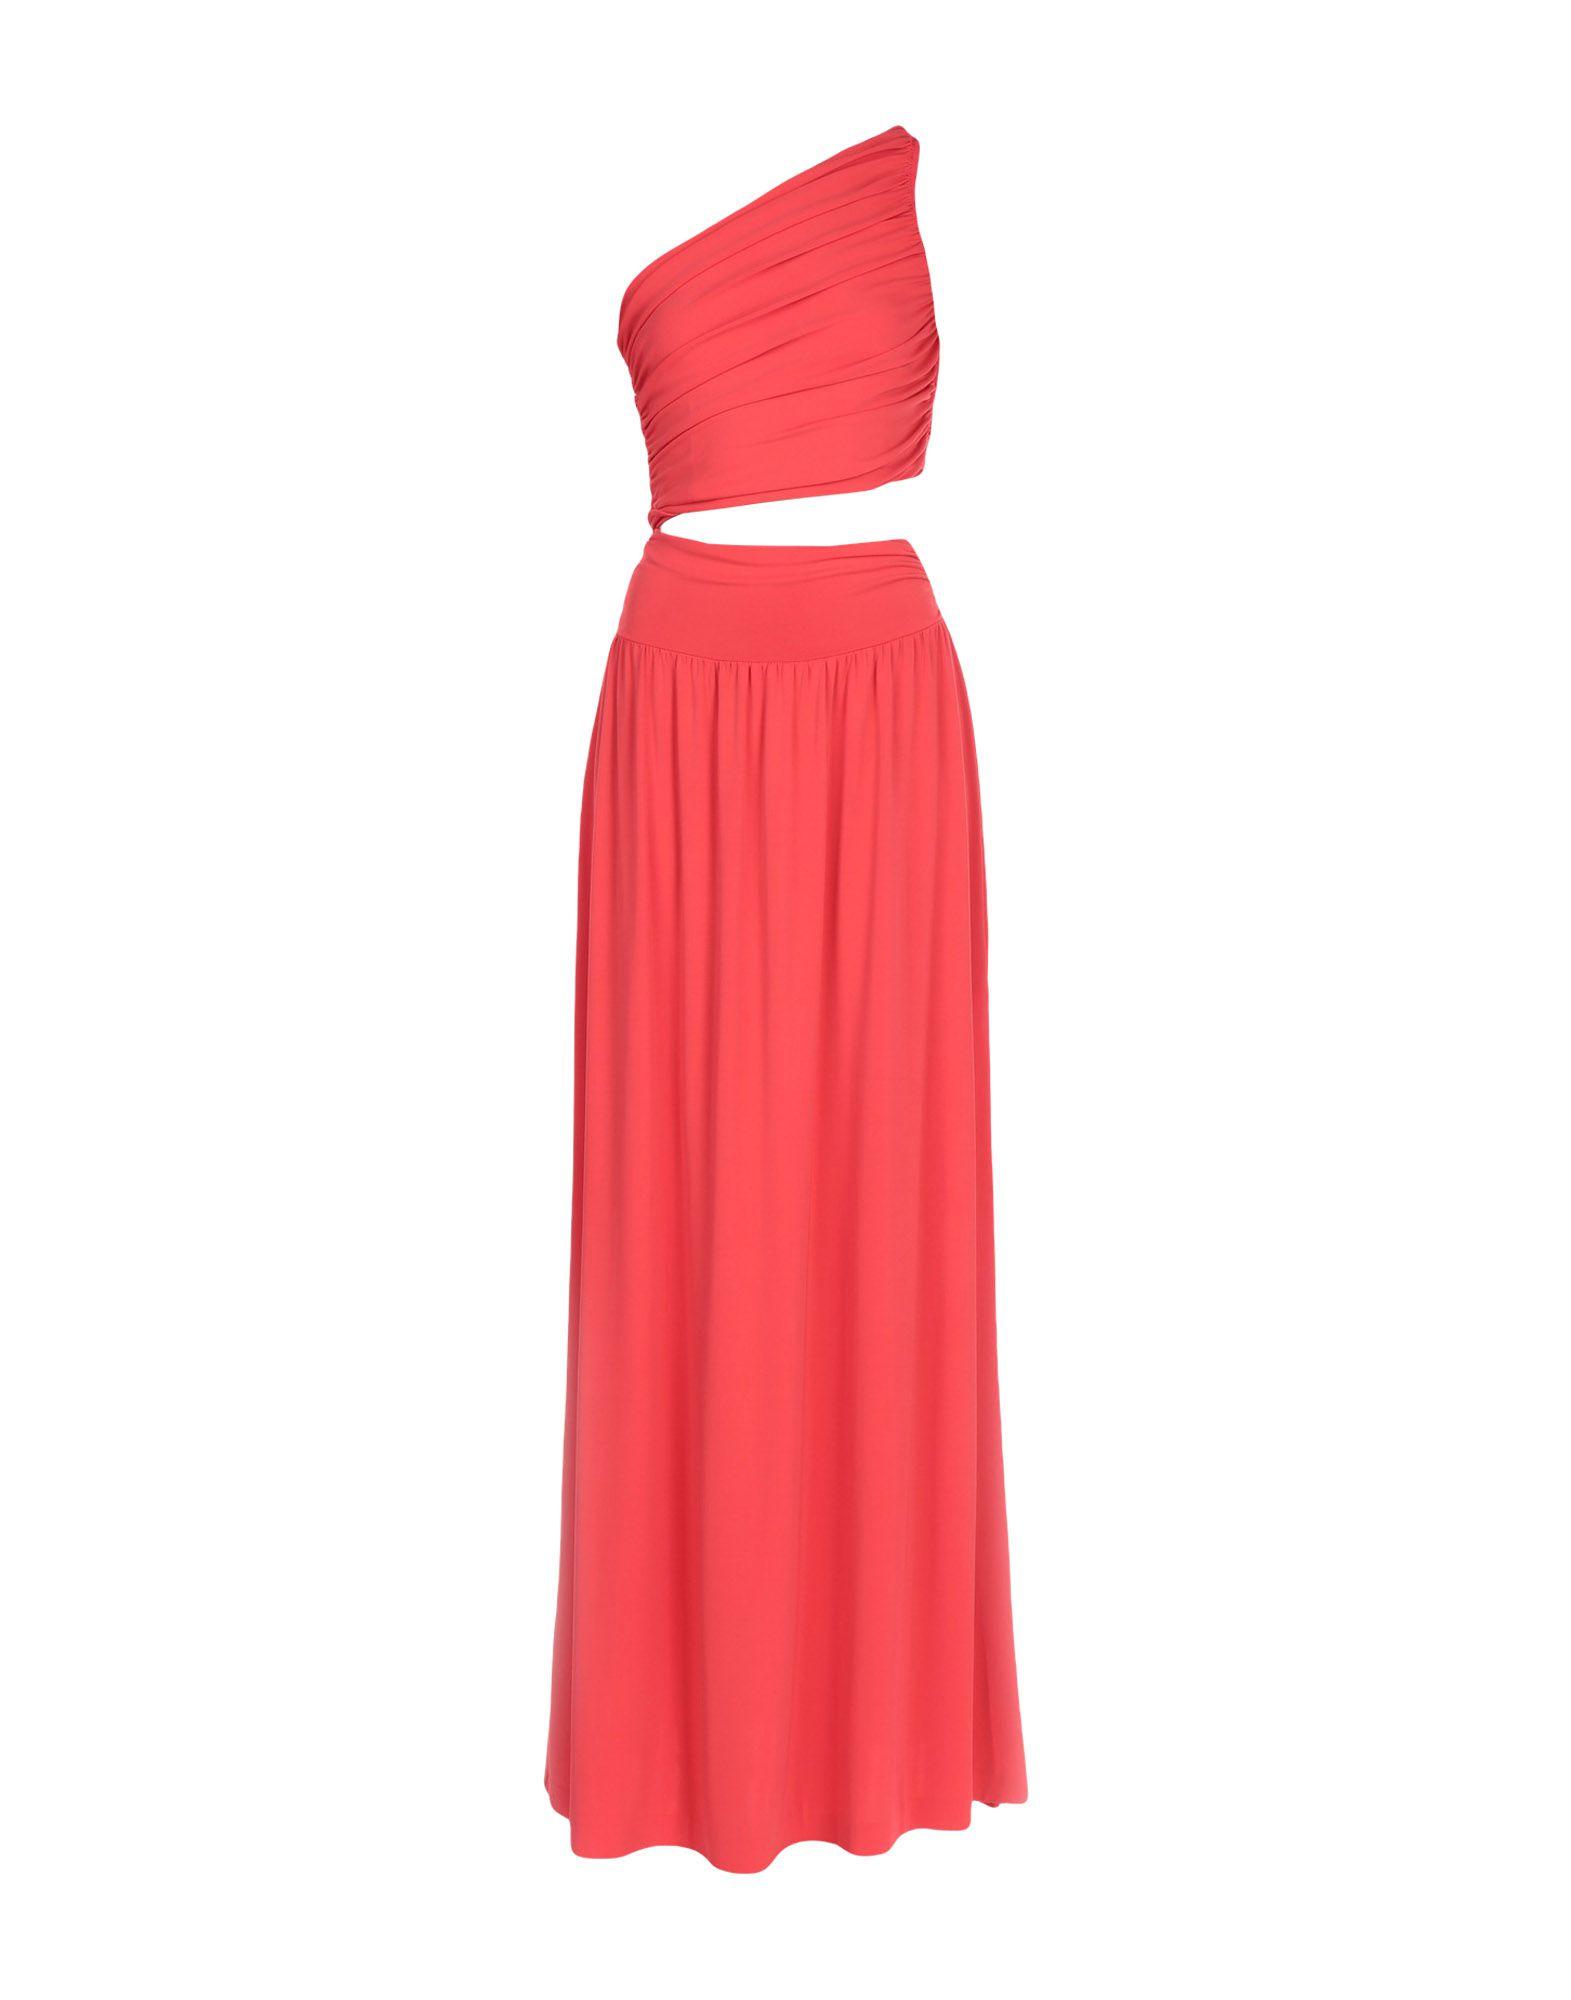 PINKO Длинное платье малого сексуально женщин от летних моды случайных плечо мини платье